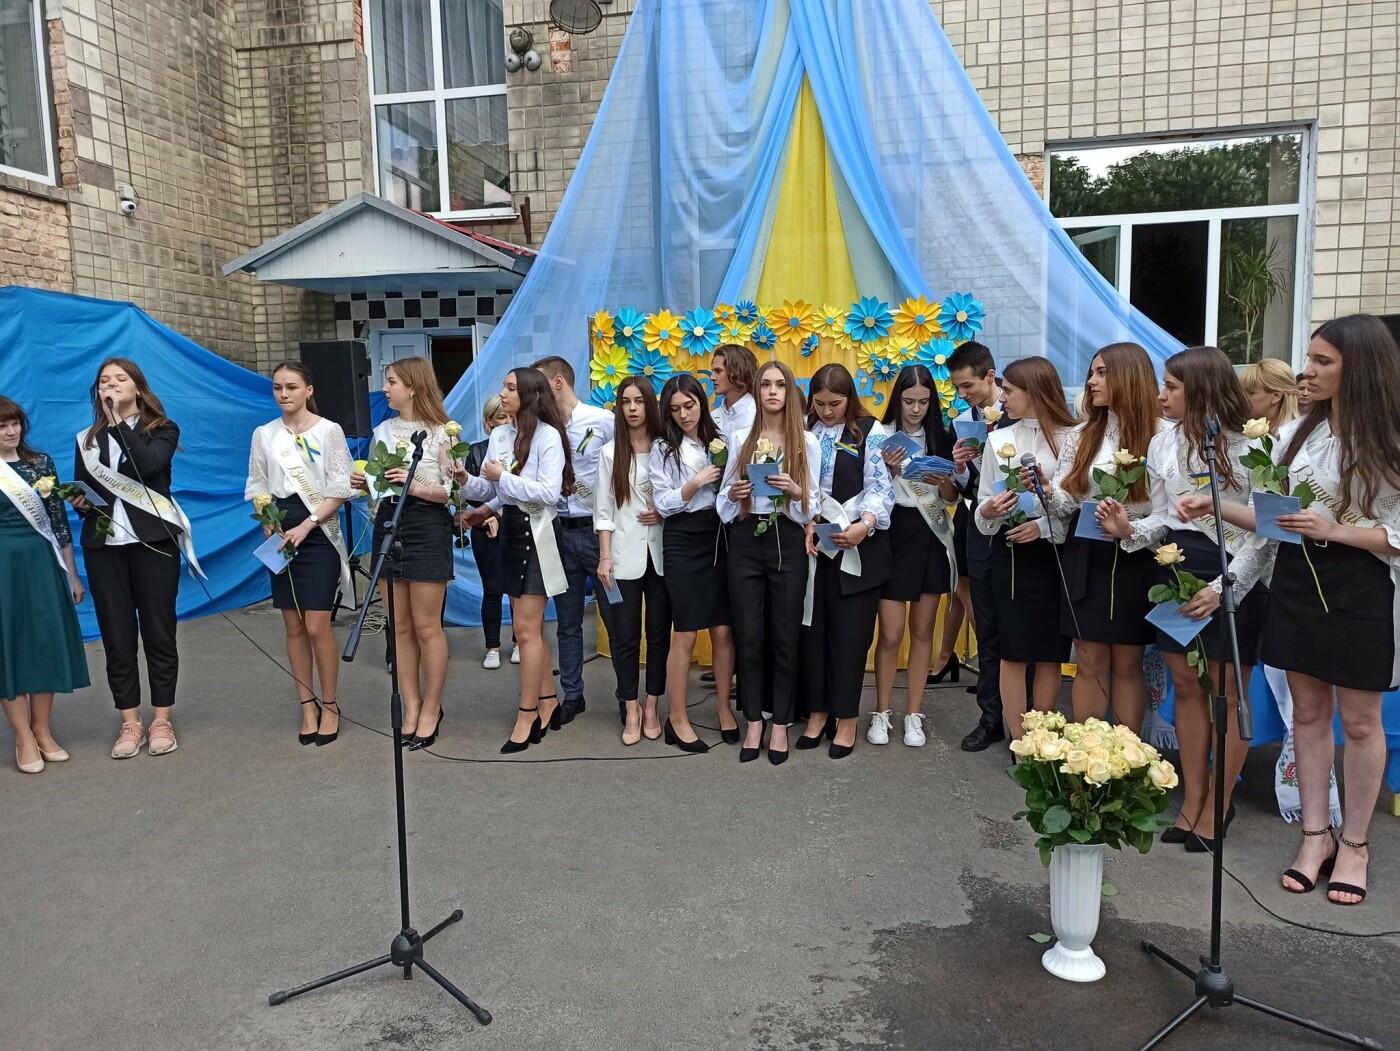 Останній дзвоник пролунав у школі №2 Новограда-Волинського для учнів 5-11 класів, фото-1